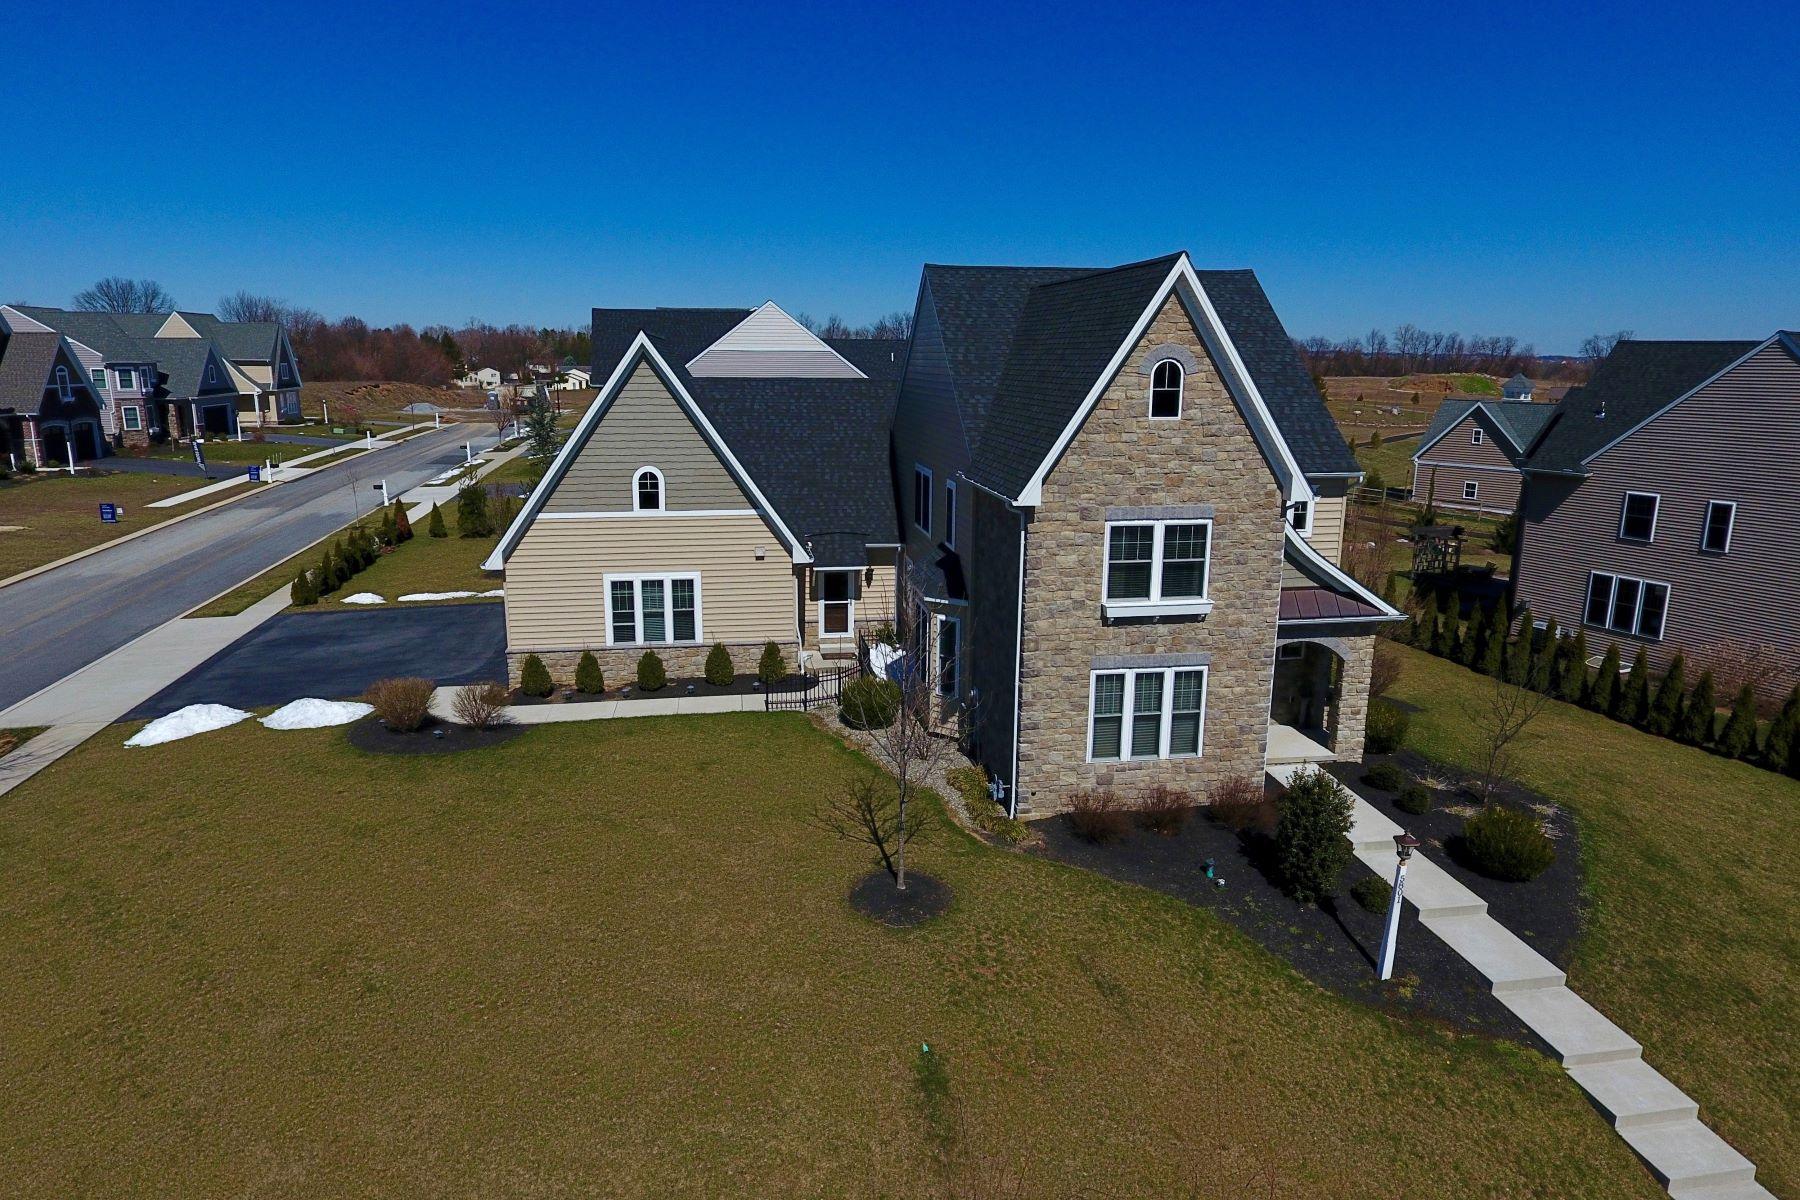 Maison unifamiliale pour l Vente à 5801 Wild Lilac Drive East Petersburg, Pennsylvanie 17520 États-Unis